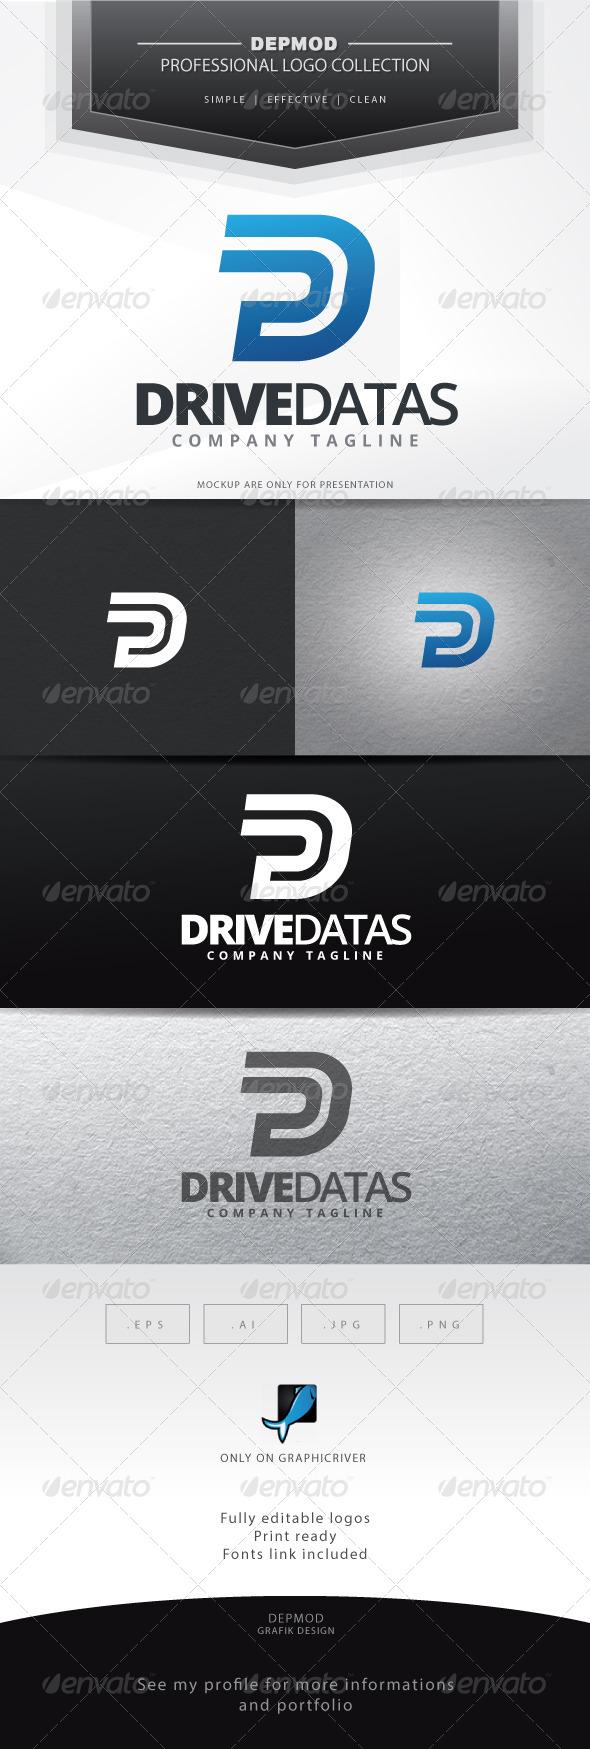 drive-datas